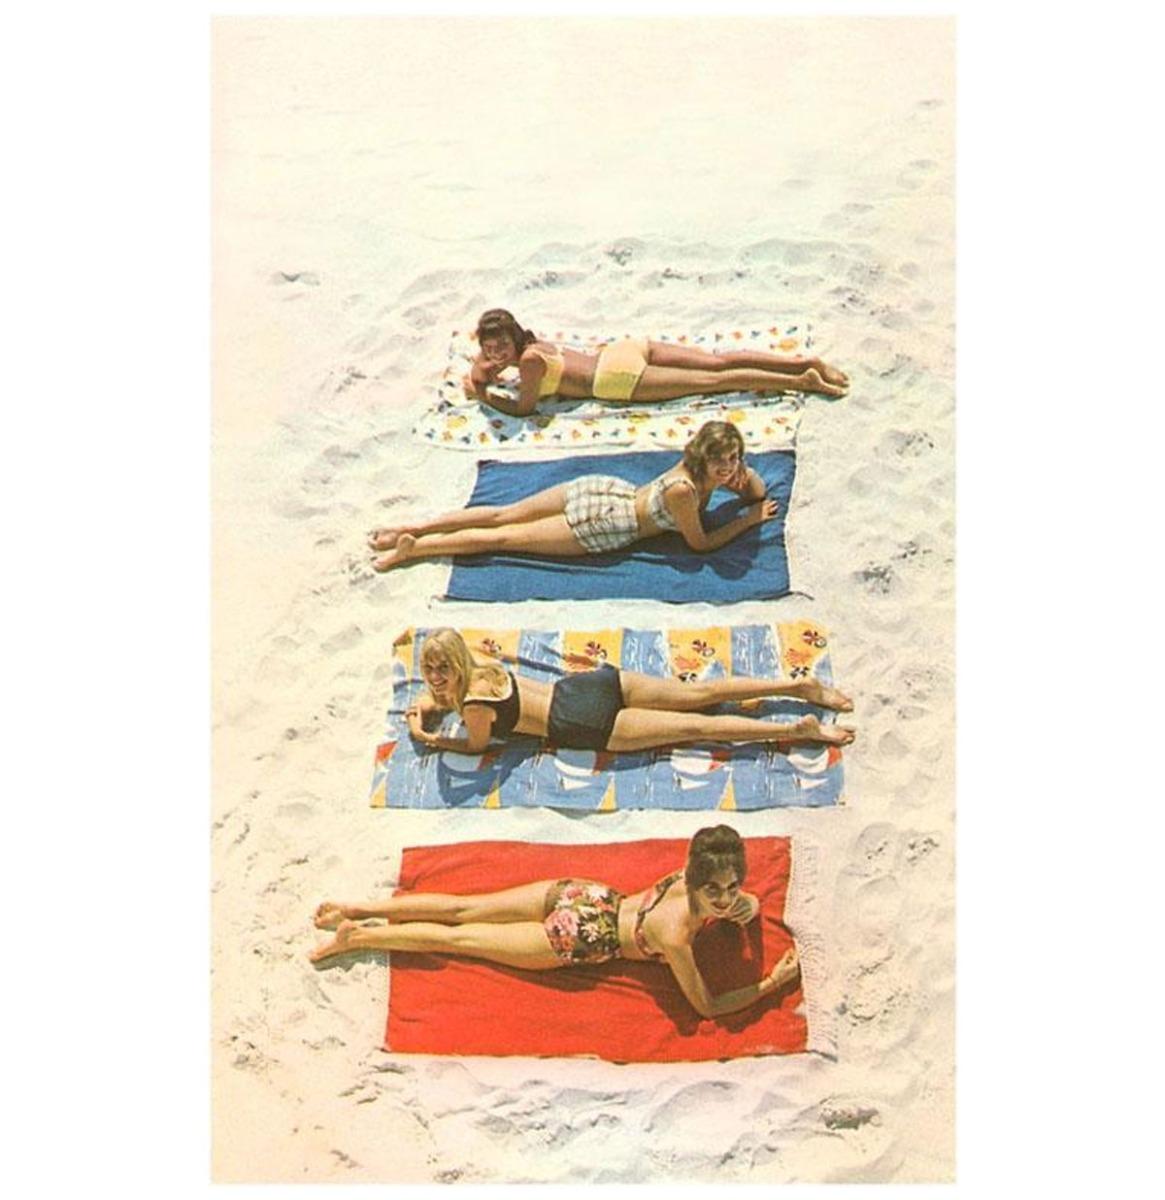 Bathing Beauties Op Handdoeken - Vintage Foto, Kunst Afdruk